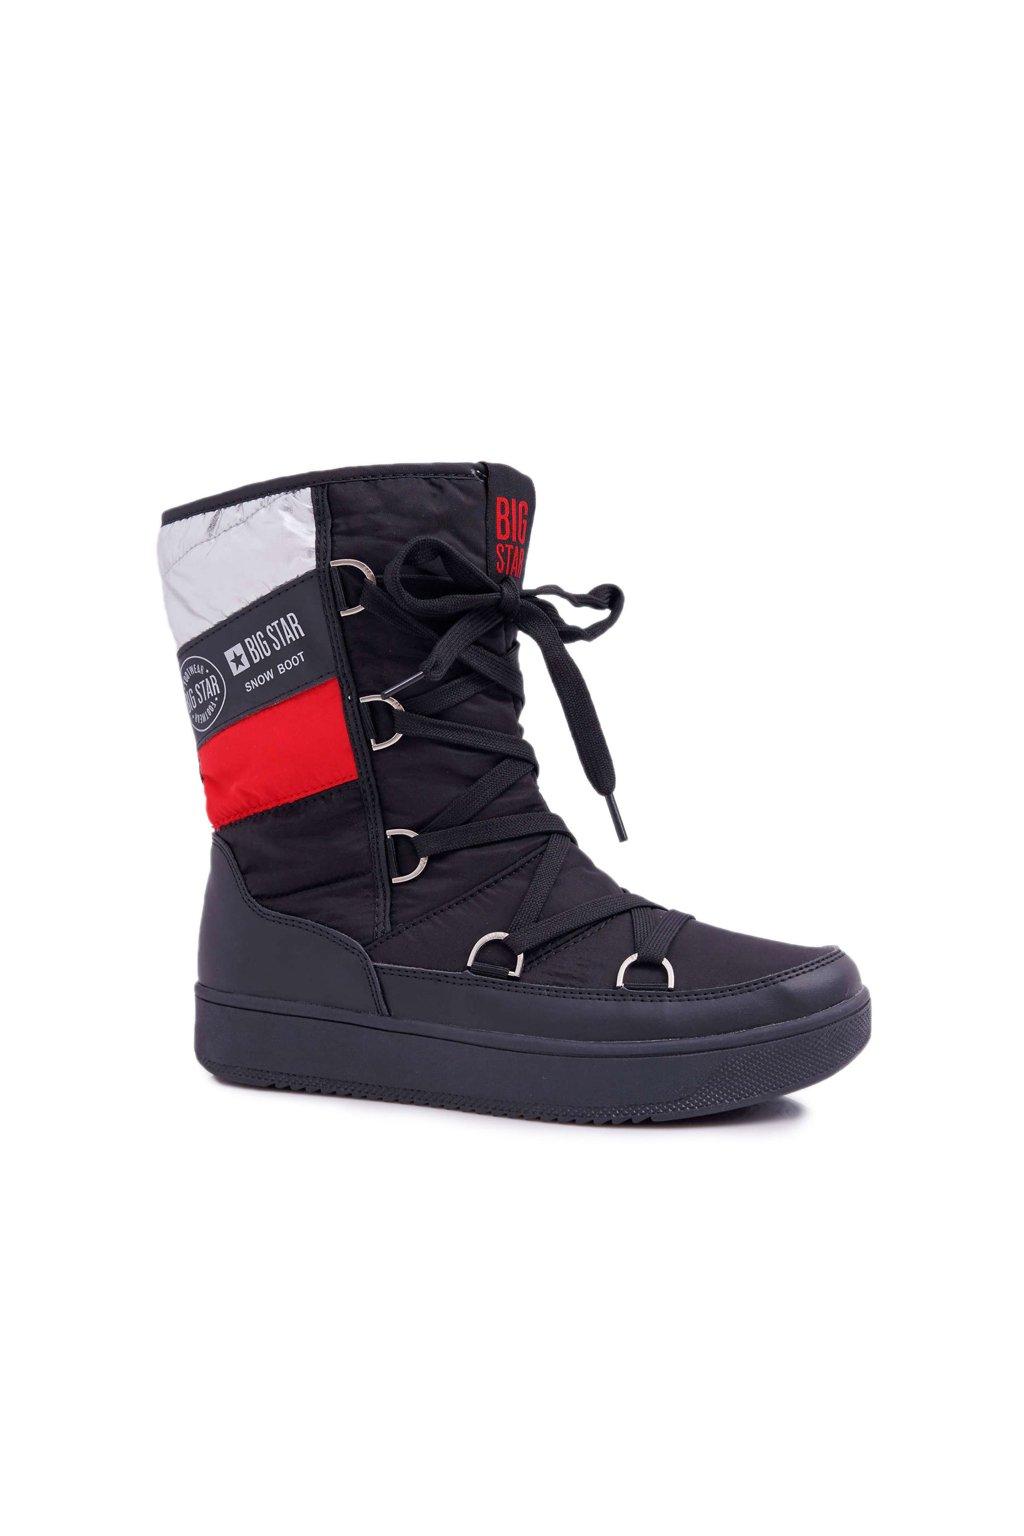 Dámske snehule farba čierna kód obuvi EE274656 BLK